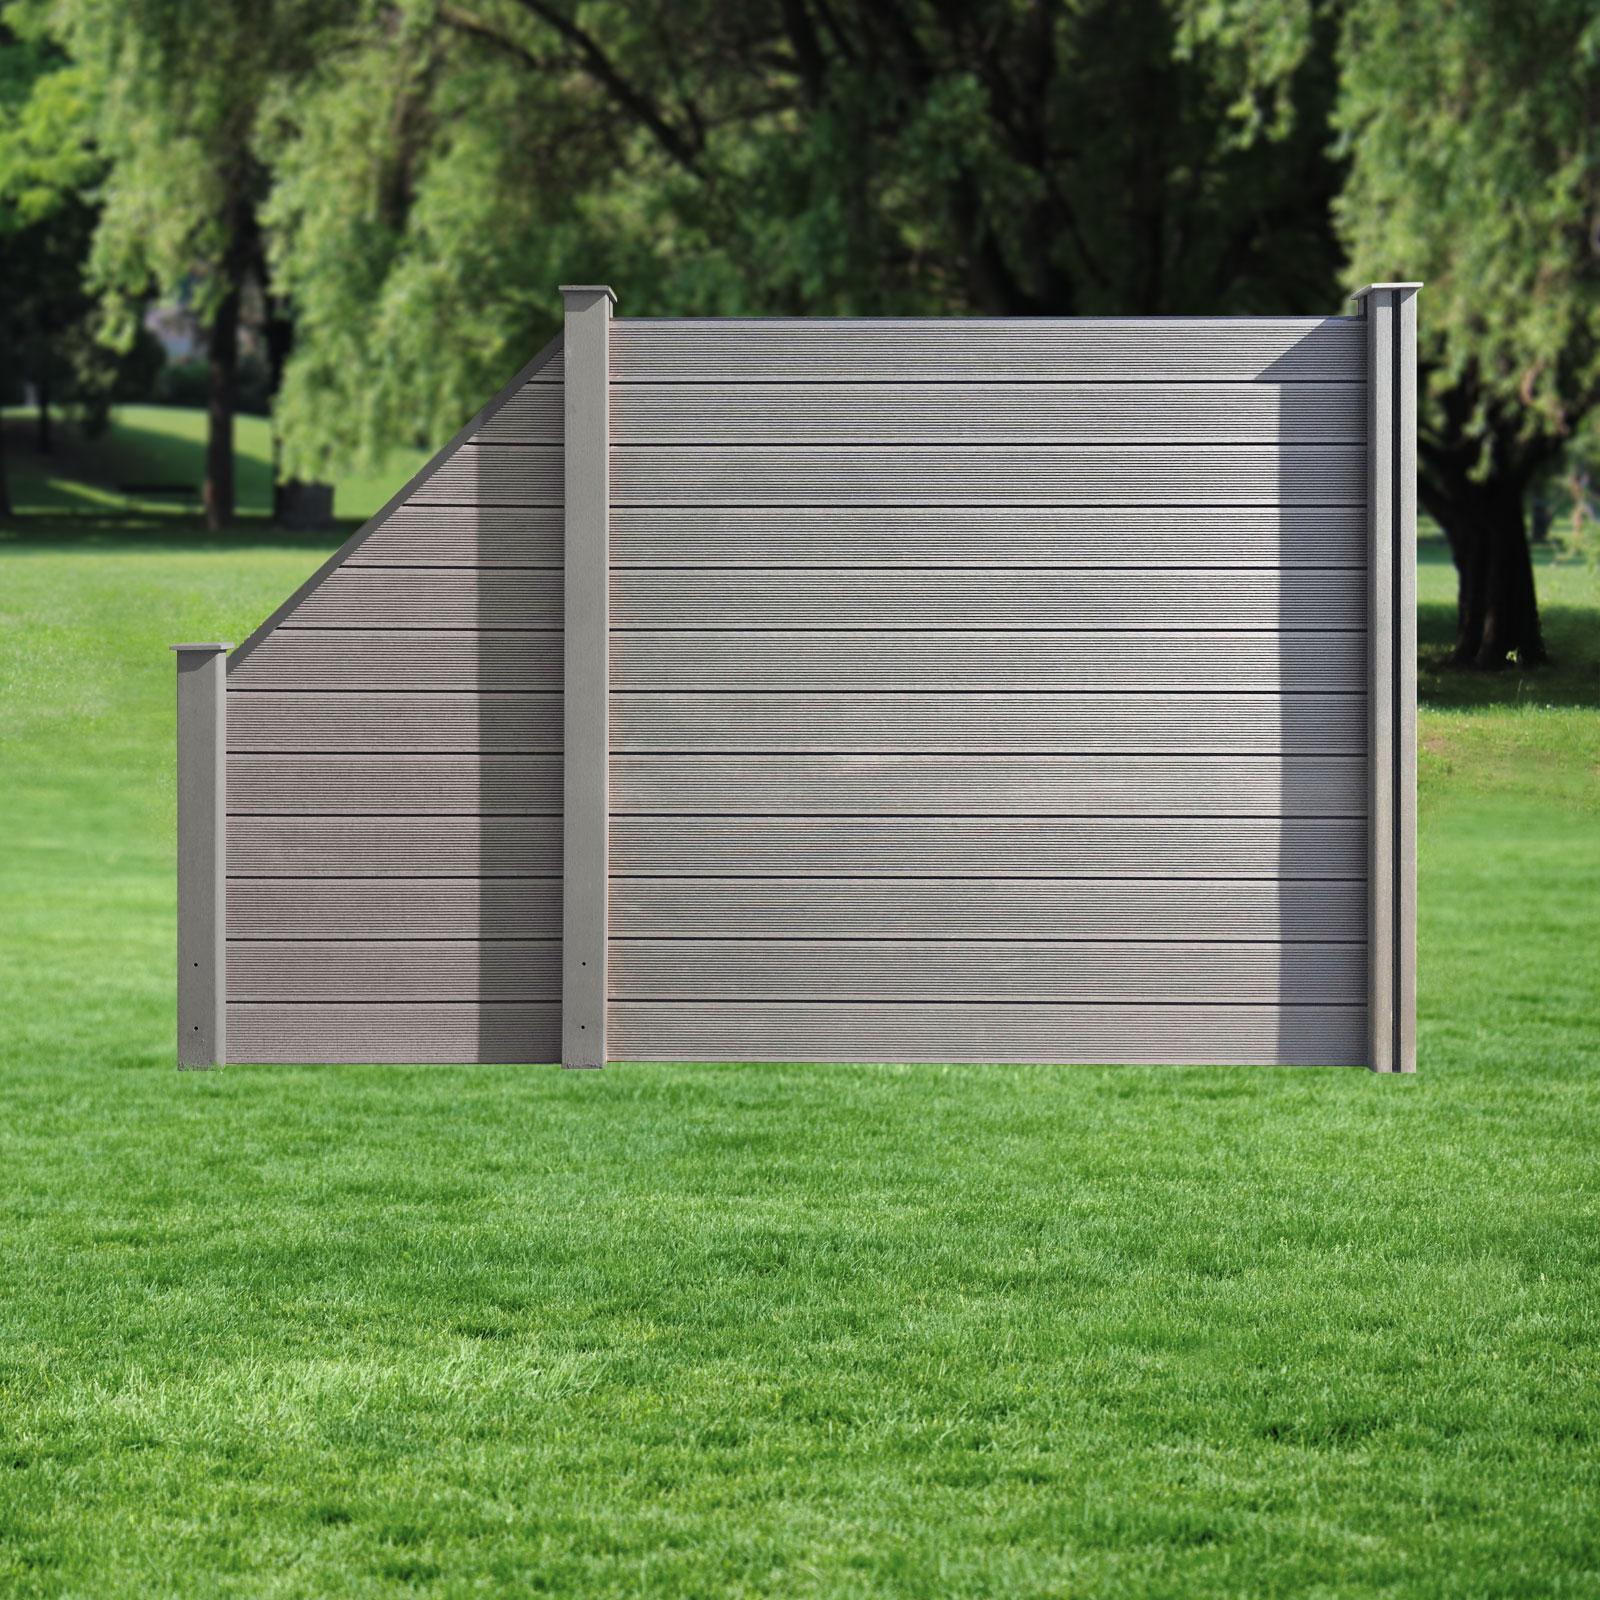 Muster I Wpc Sichtschutz Zaun Lamellenzaun Gartenzaun Terrasse